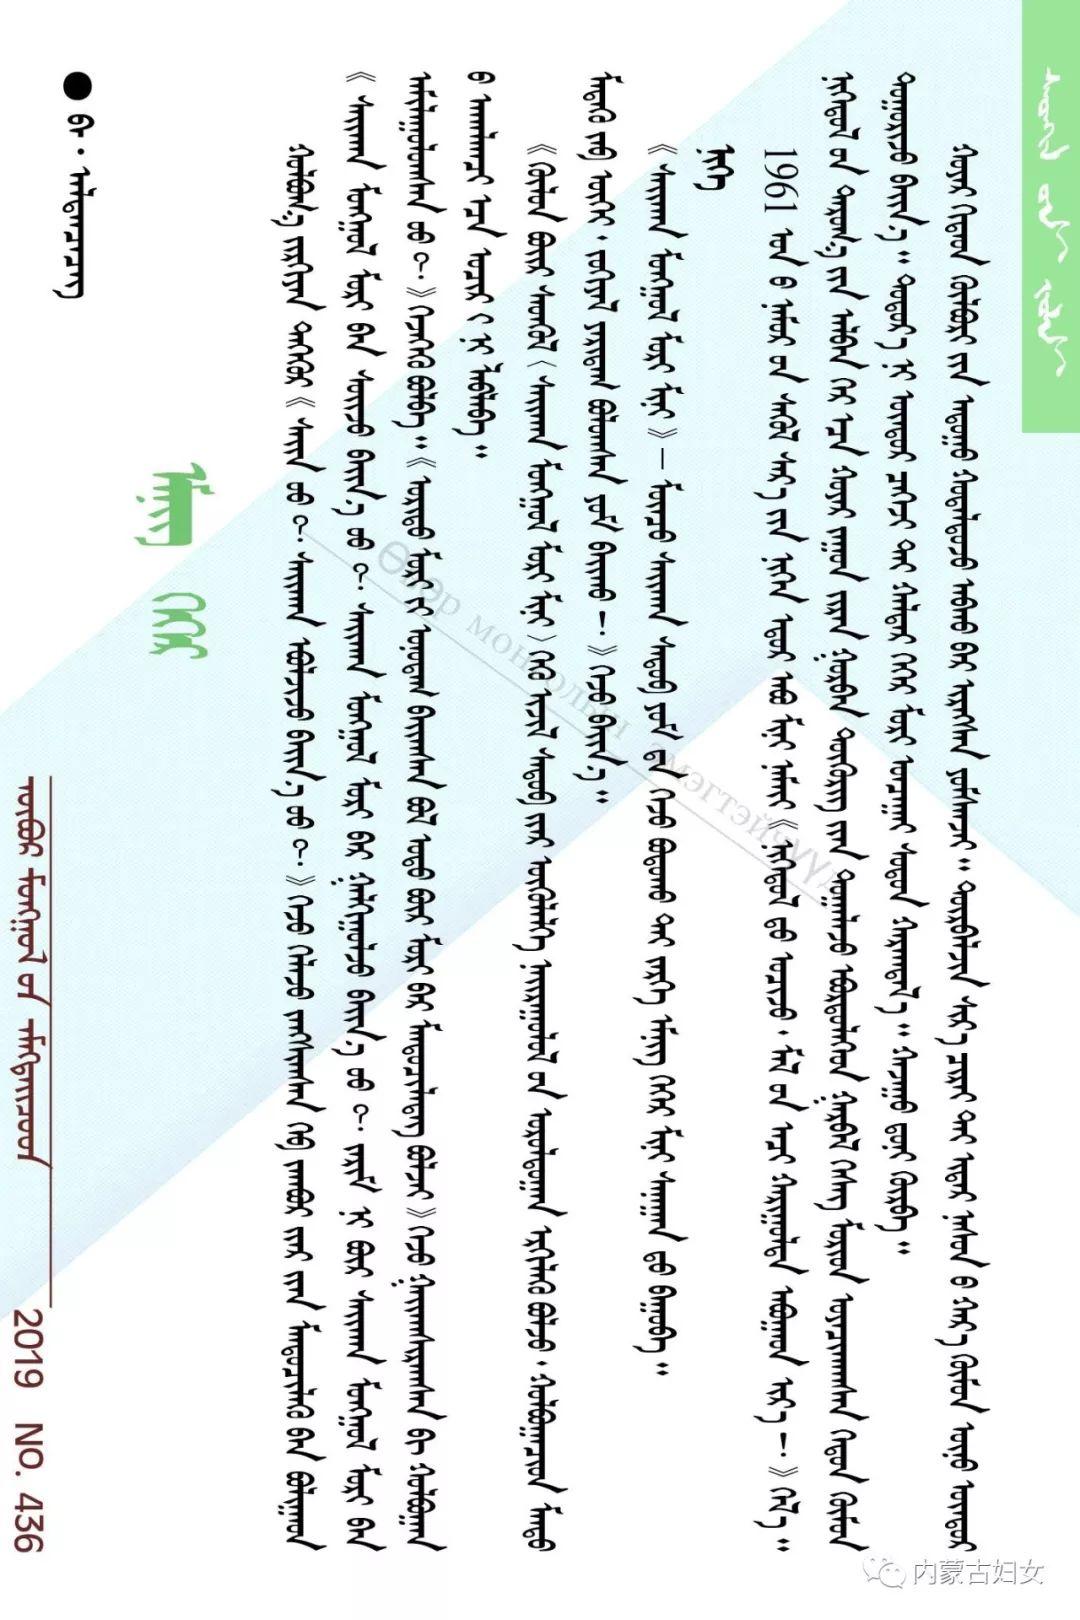 【心灵驿站】烈马(蒙古文) 第1张 【心灵驿站】烈马(蒙古文) 蒙古文化